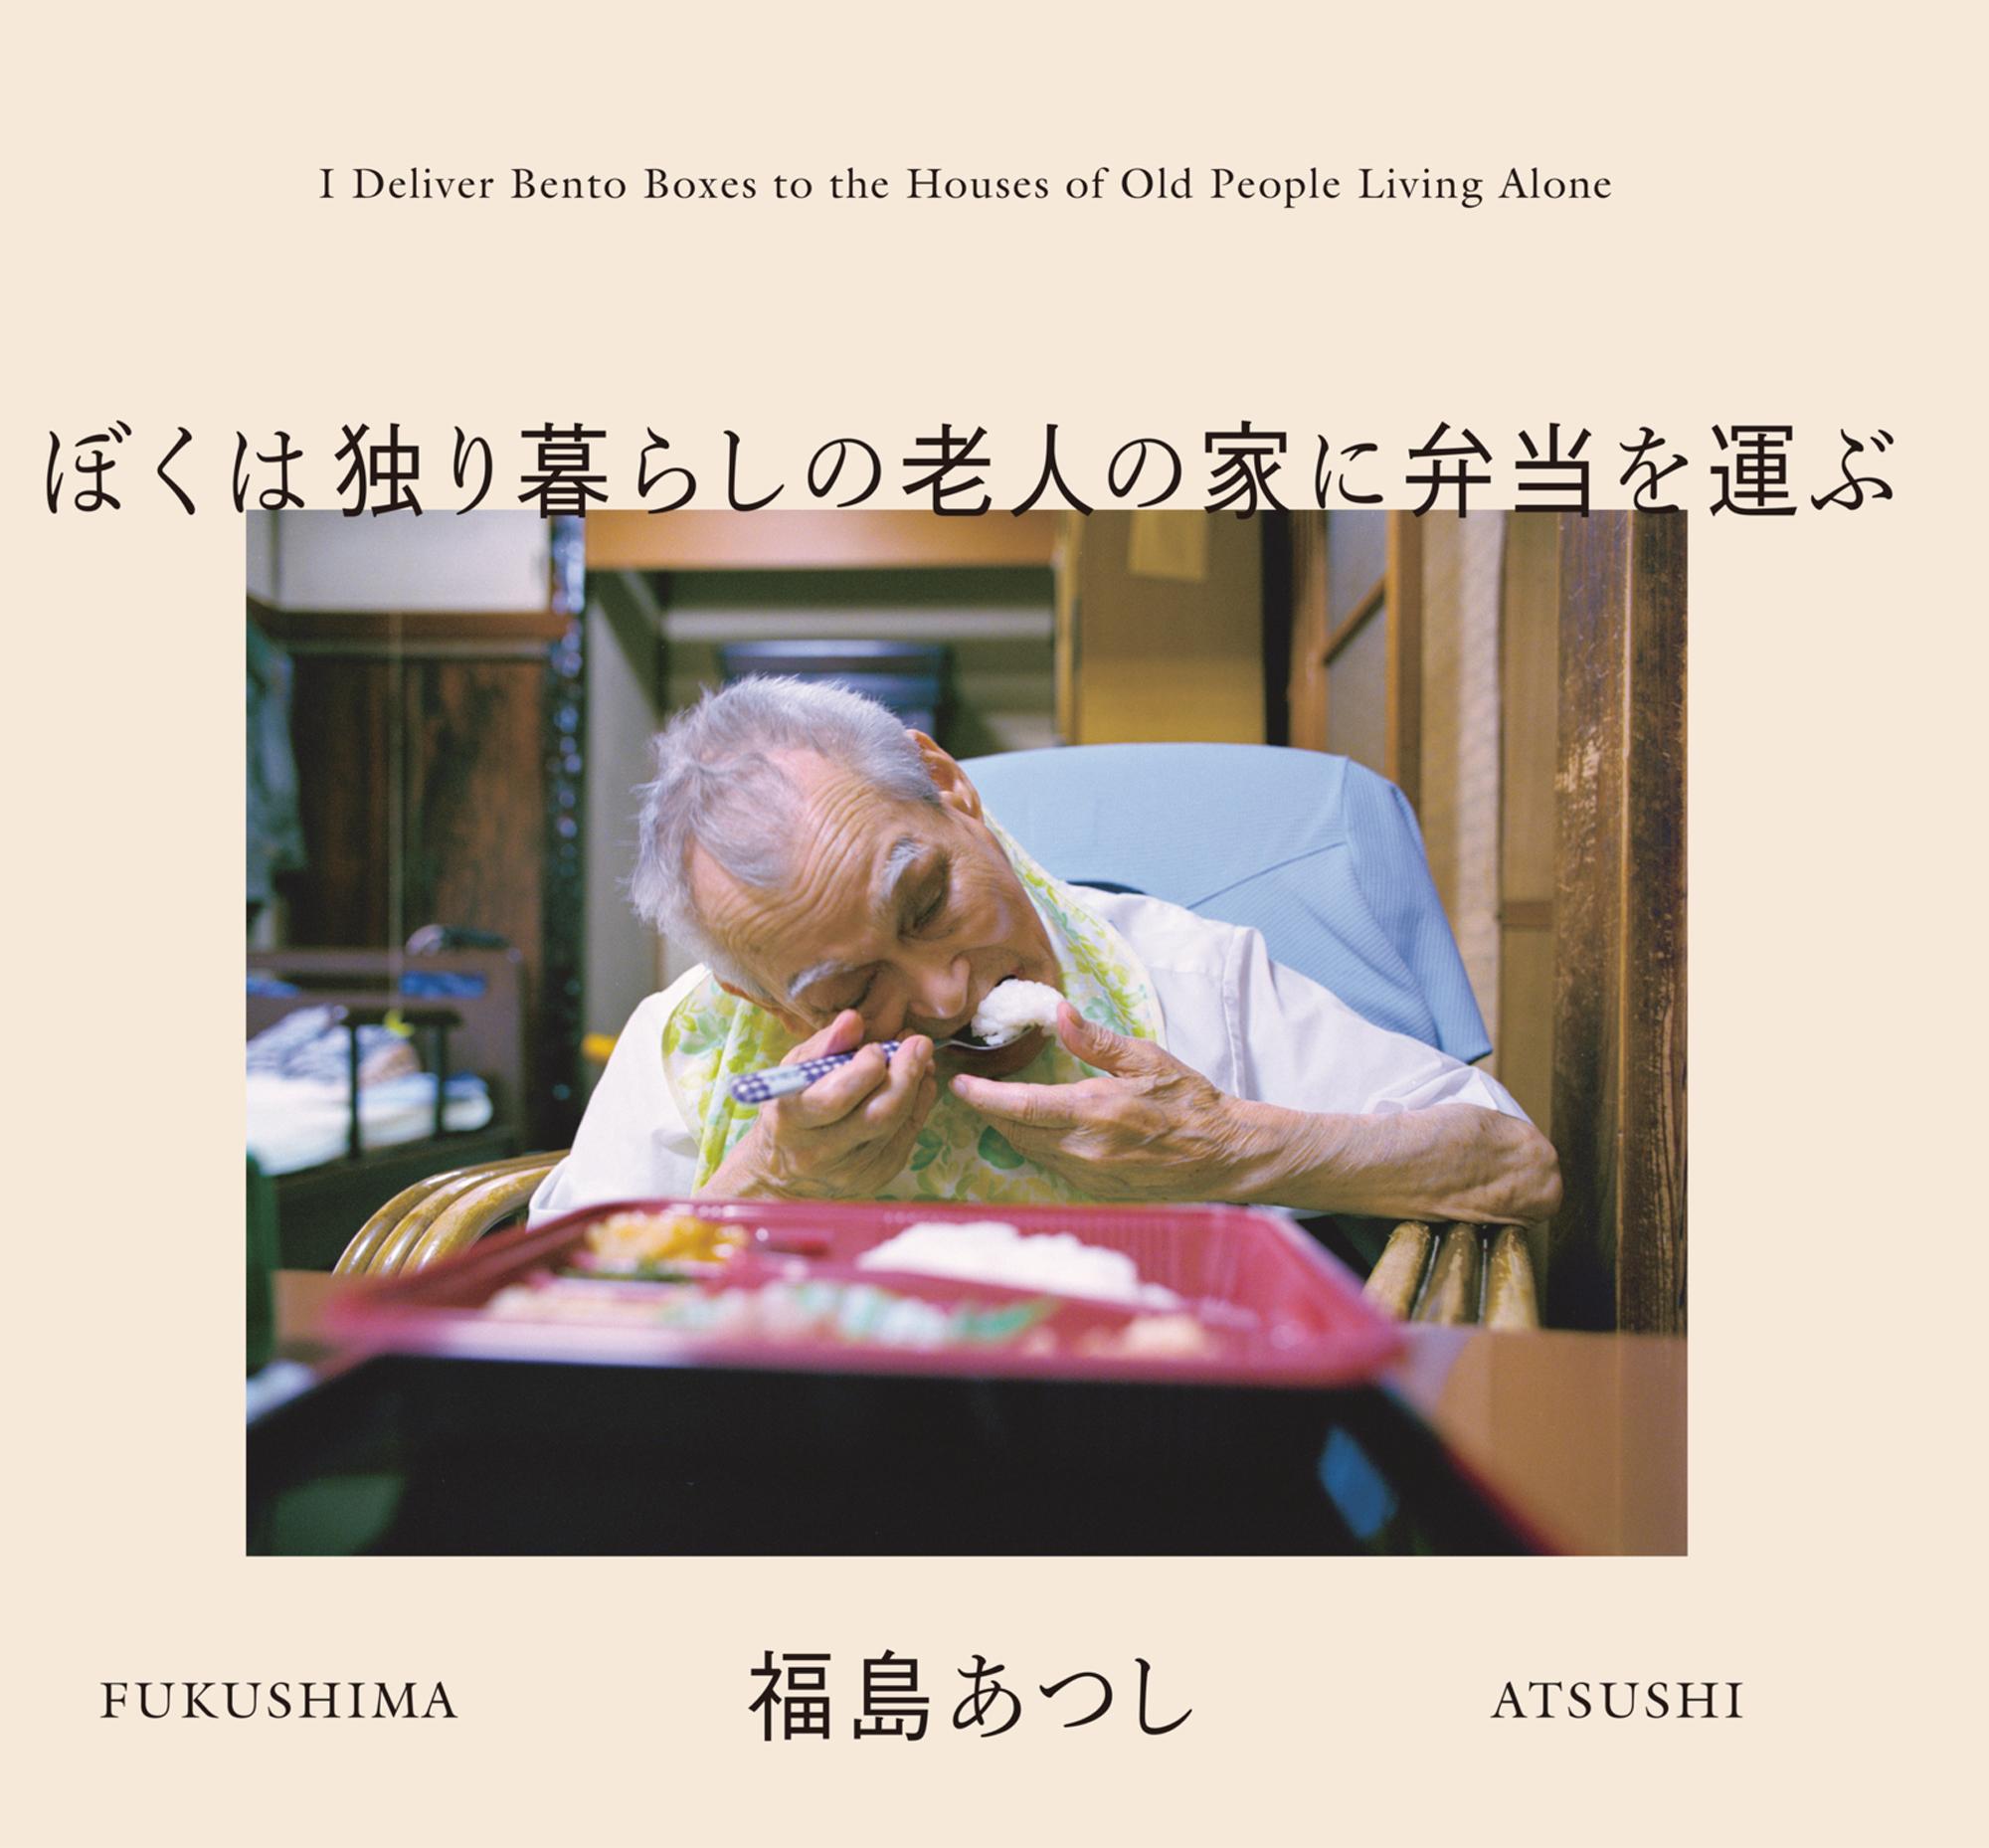 書籍編集|福島あつし『ぼくは独り暮らしの老人の家に弁当を運ぶ』(青幻舎)